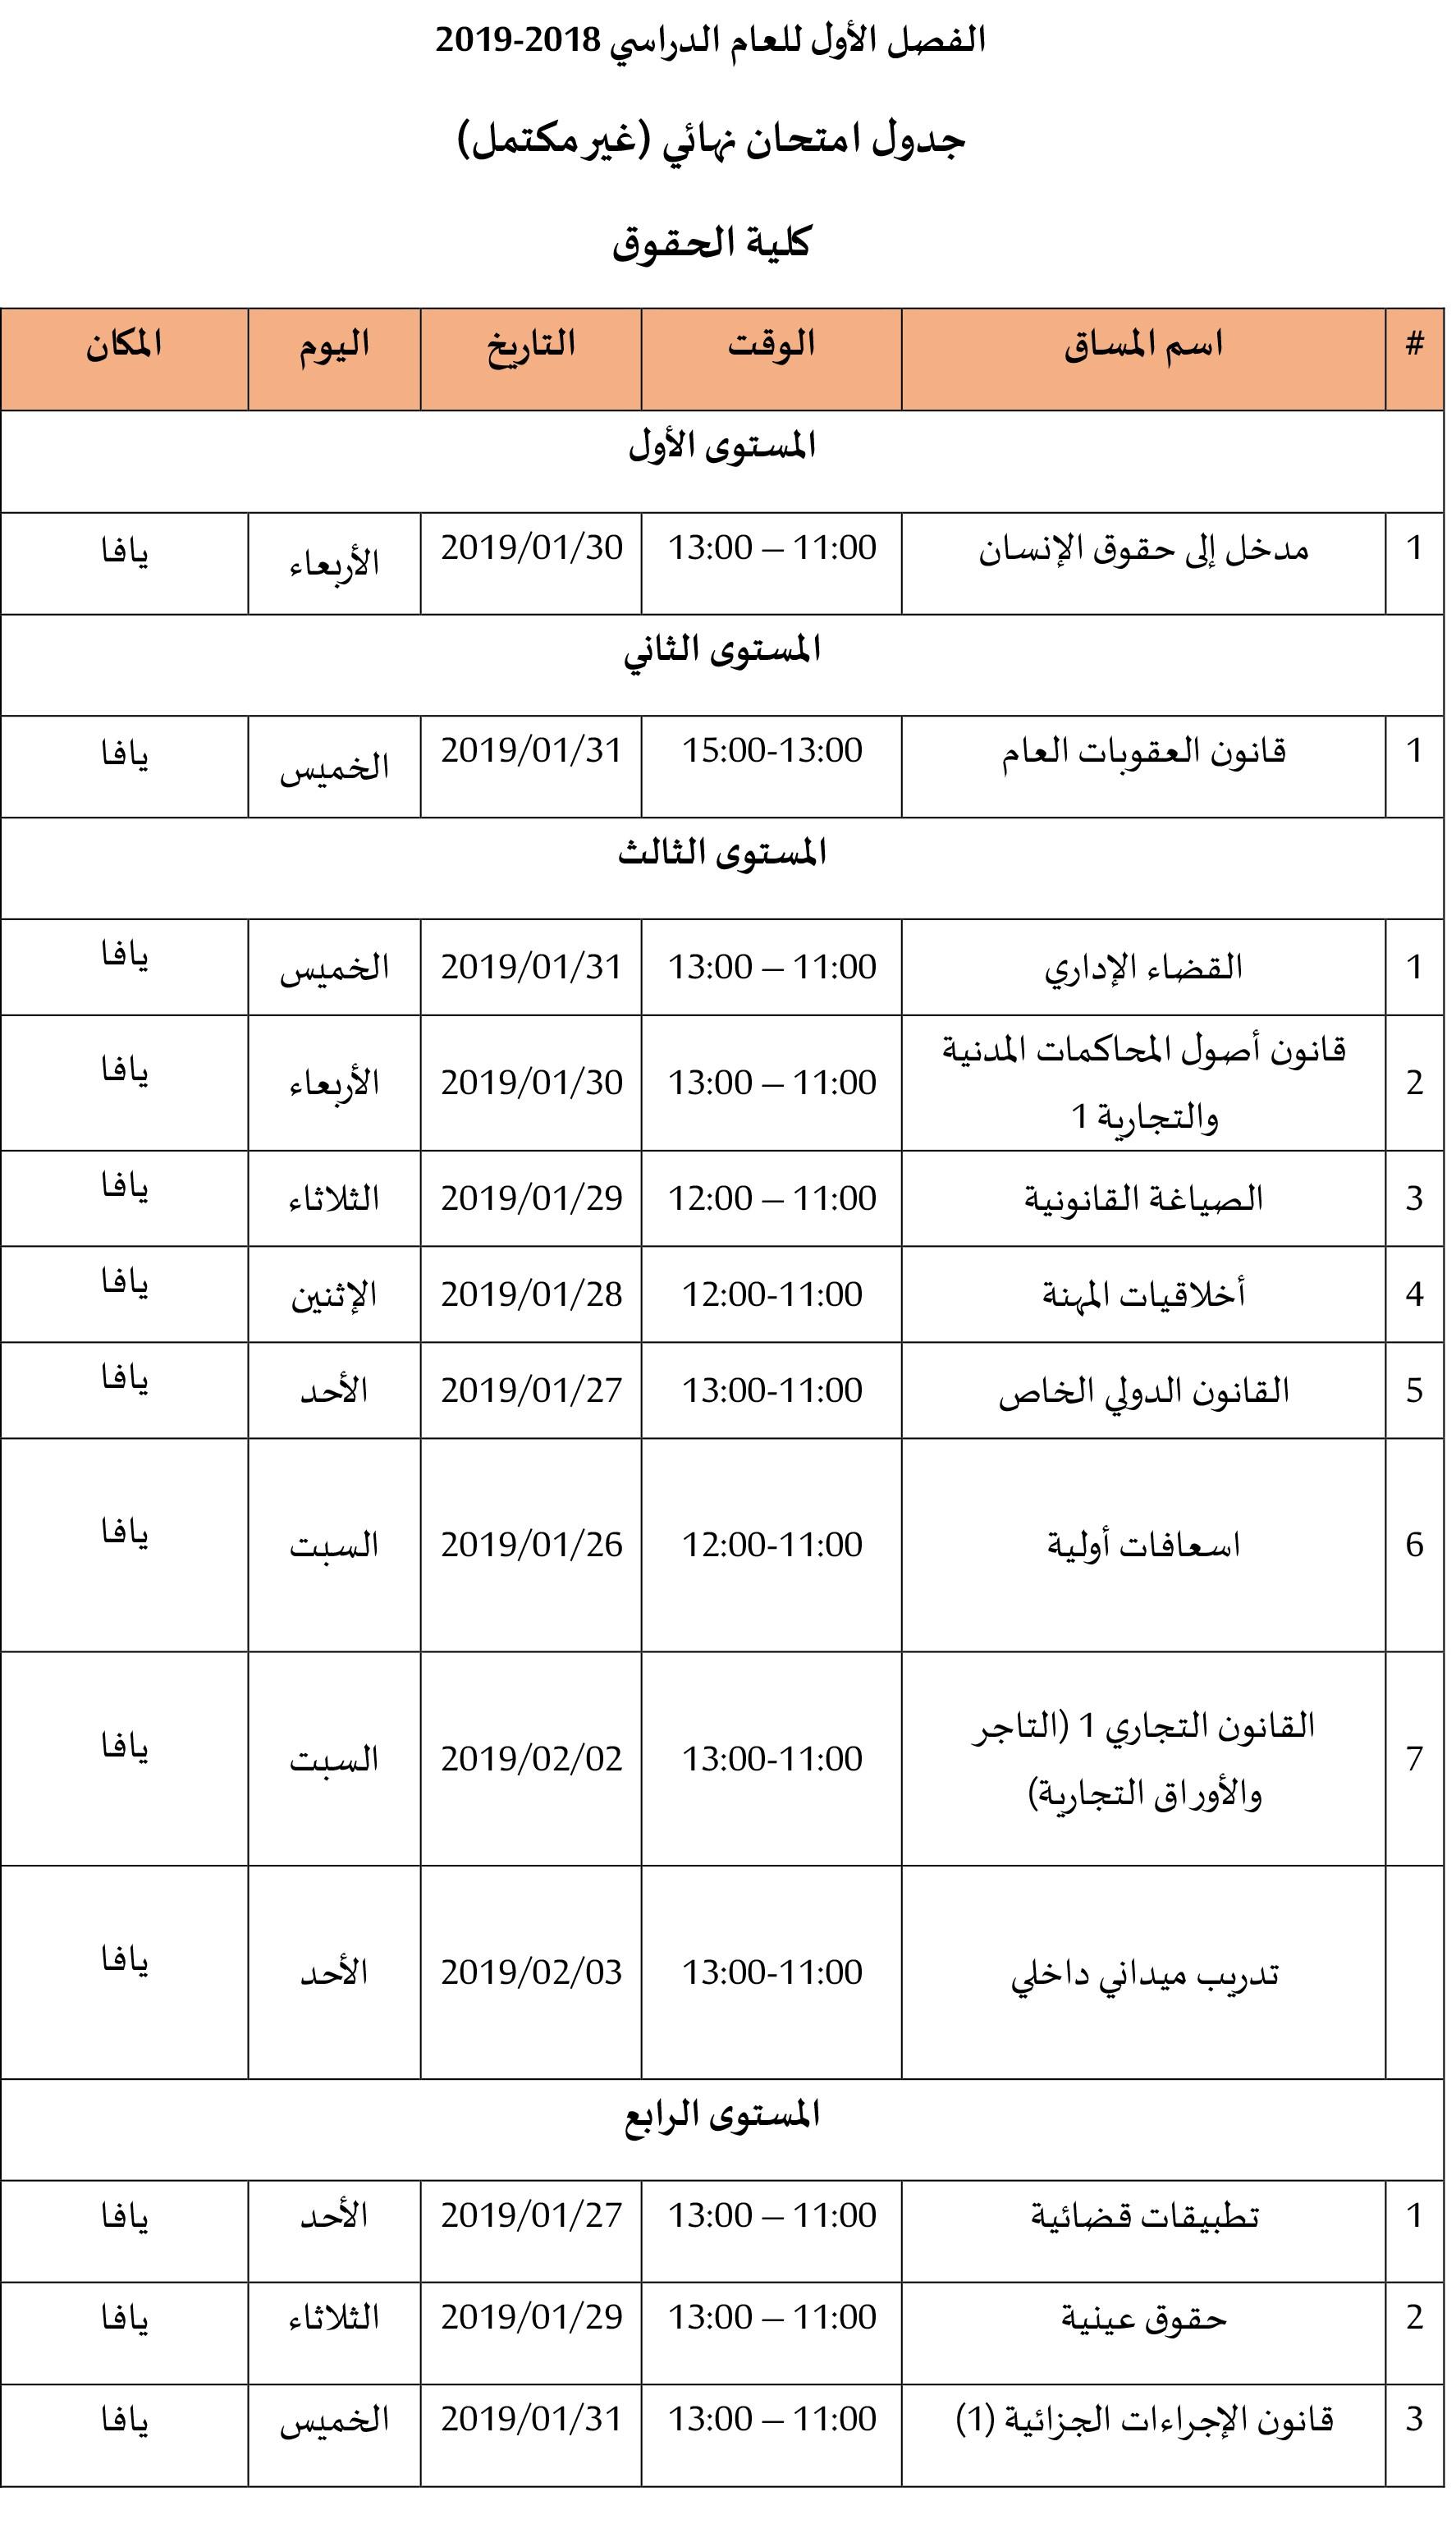 جدول اختبارات  غير مكتمل لكلية الحقوق 2019.jpg